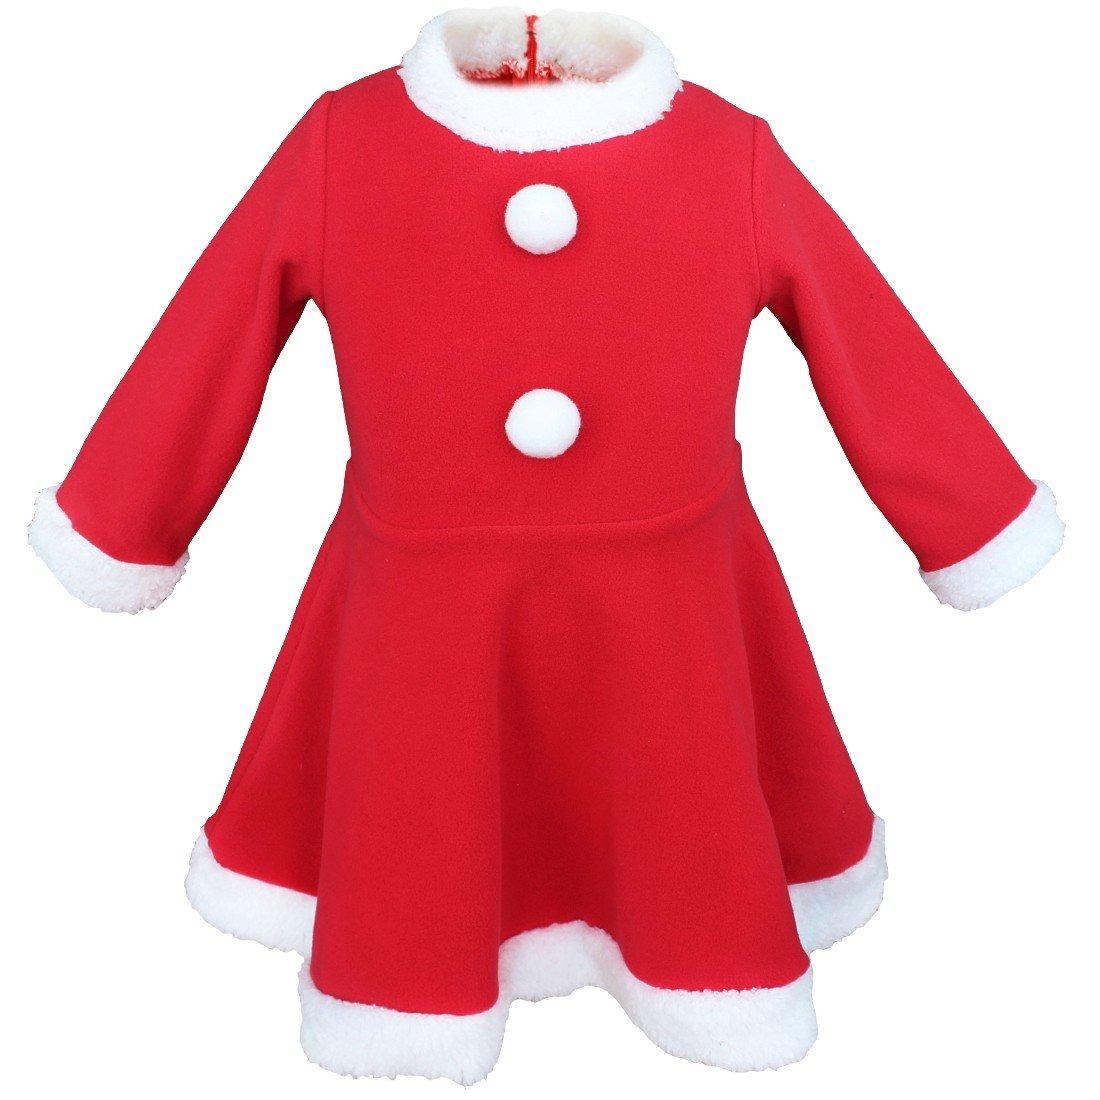 Yizyif Bebe Ninas De Navidad Papa Noel Vestido De Lujo Con S - Bebes-vestidos-de-papa-noel